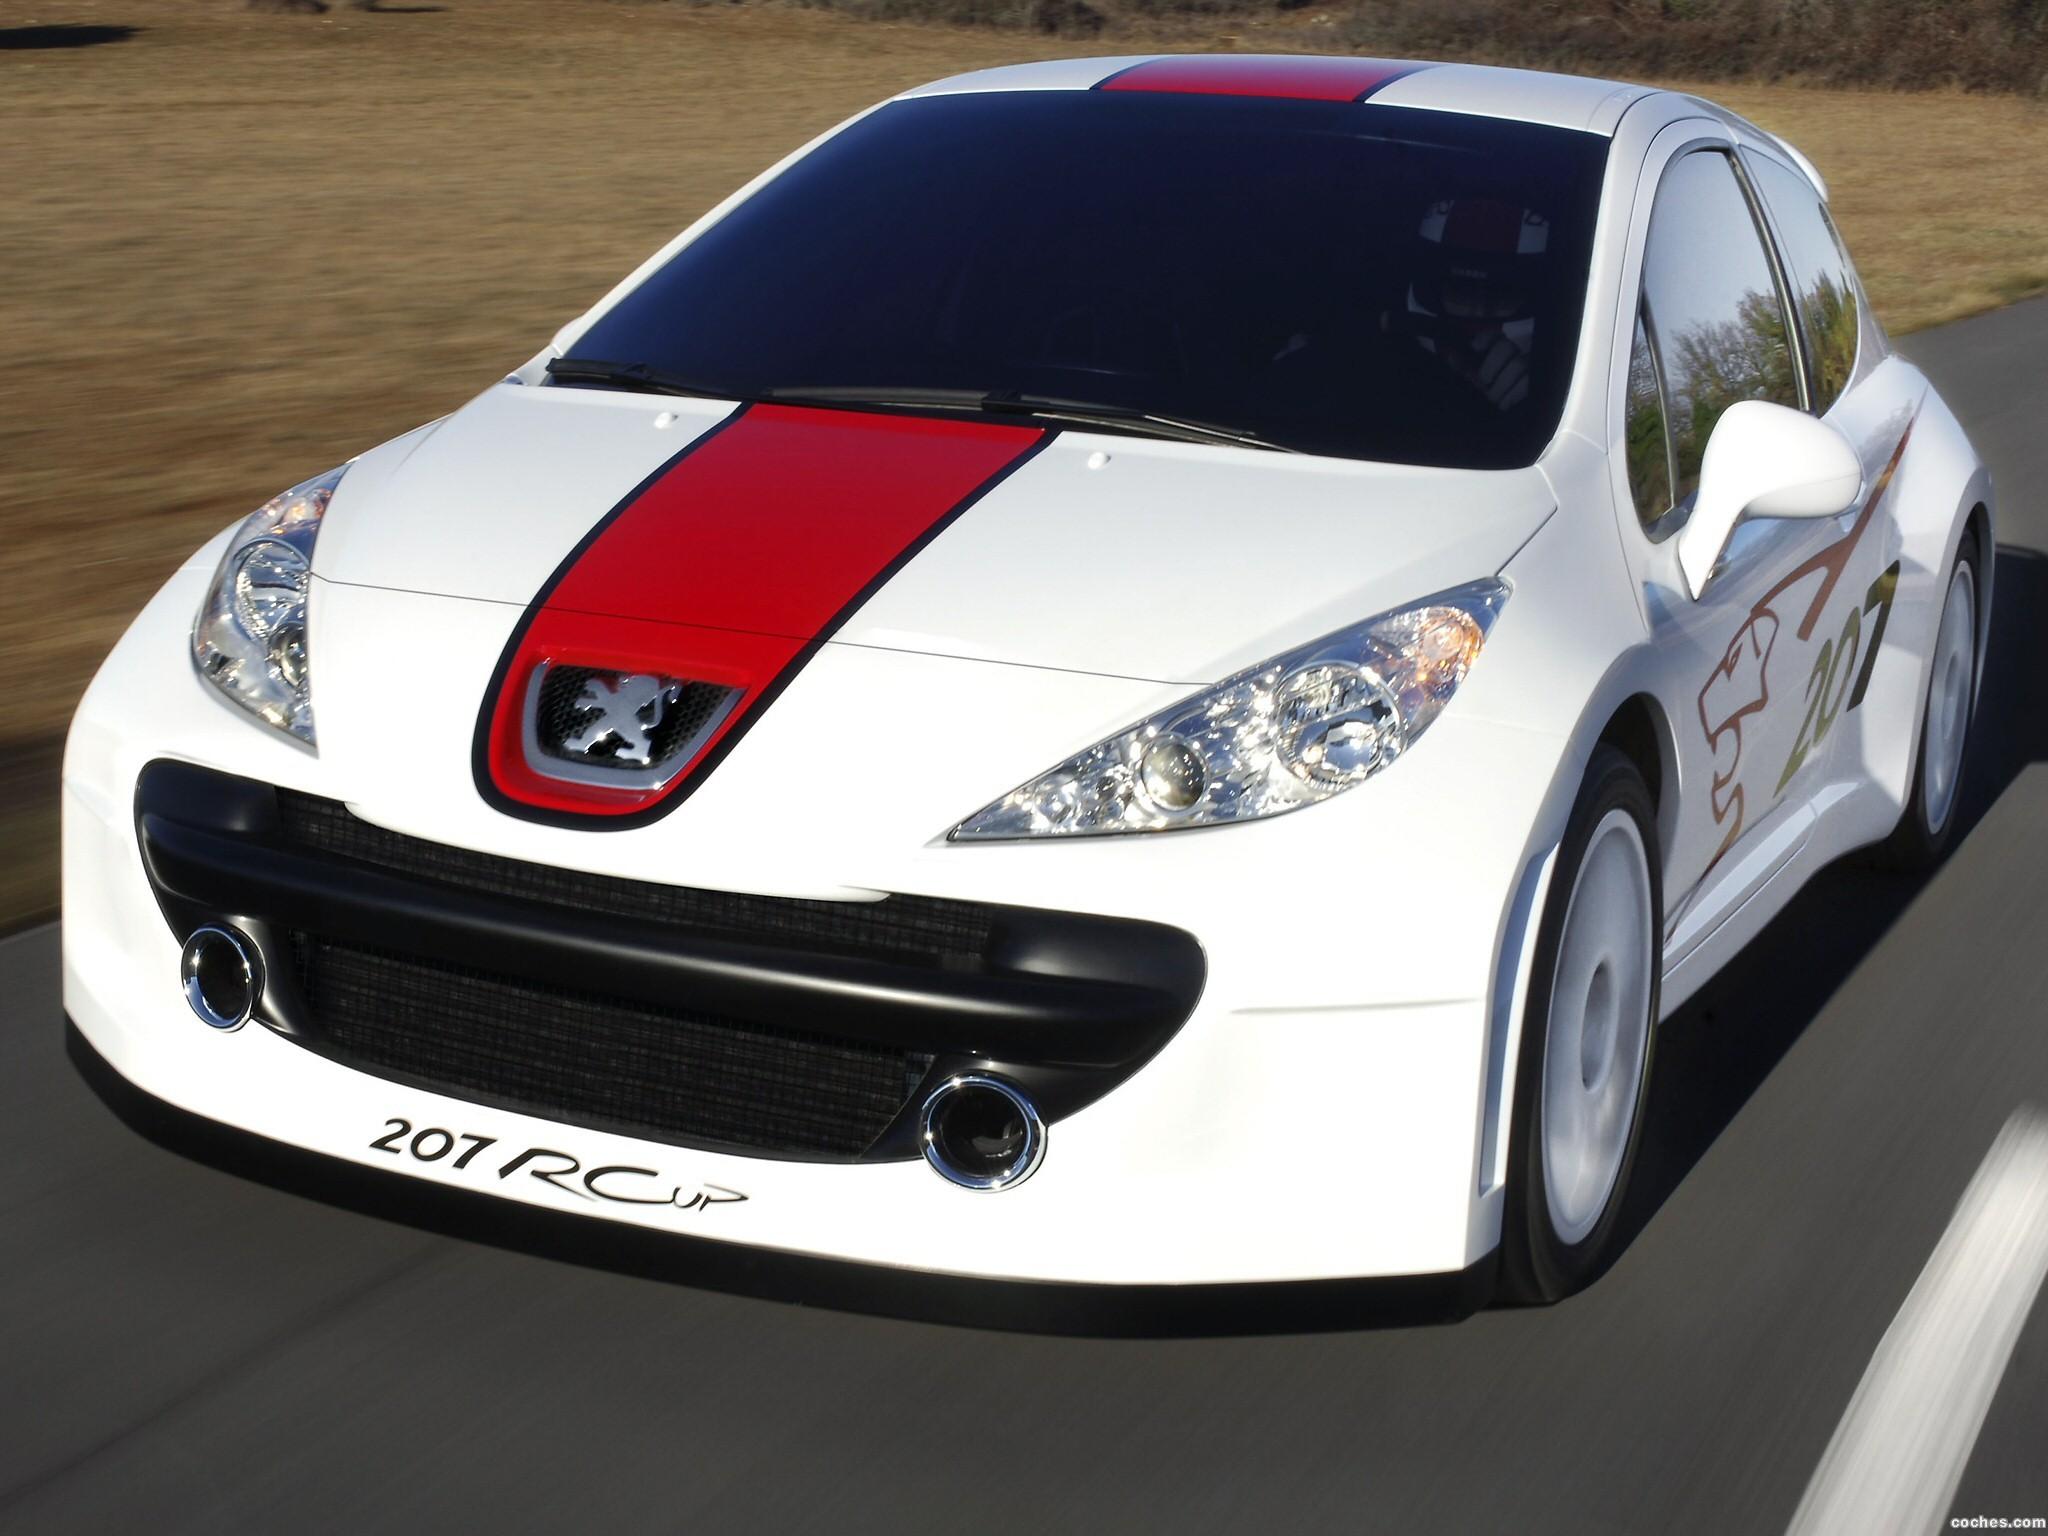 Foto 0 de Peugeot 207 RCup 2006